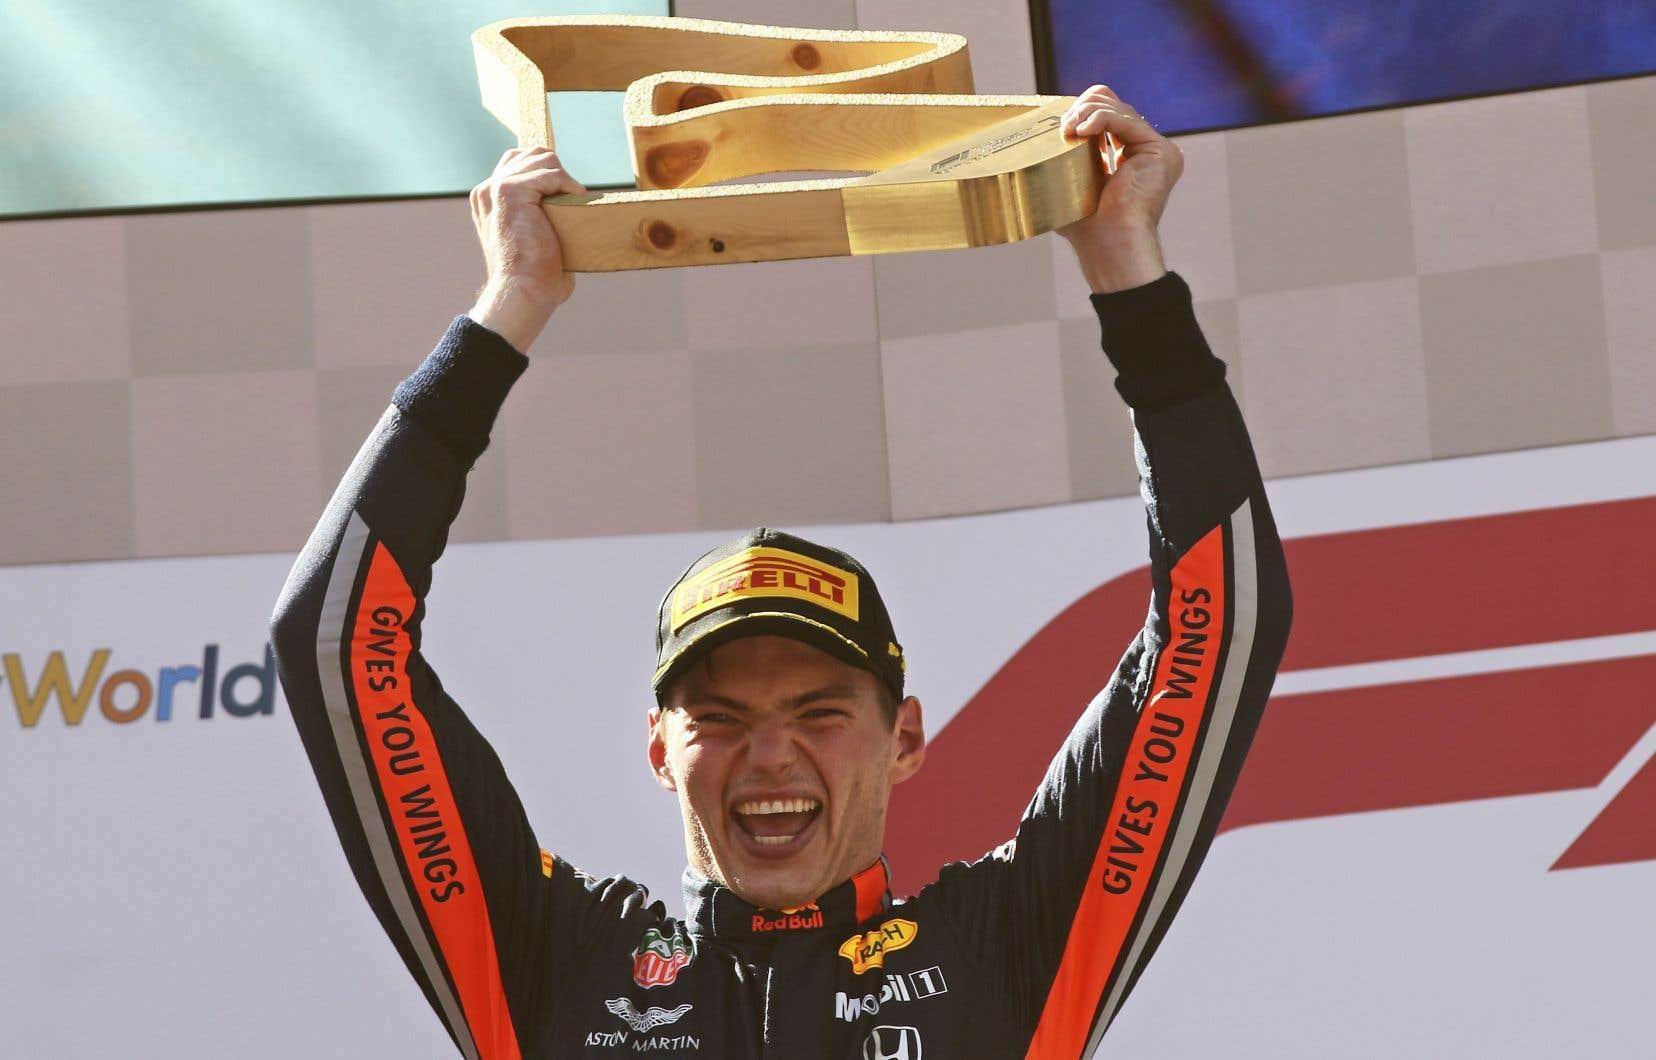 Le Néerlandais Vertstappen a surmonté un mauvais départ, lui qui démarrait en troisième place.Il a devancé la Ferrari de Charles Leclerc à deux tours de la fin.